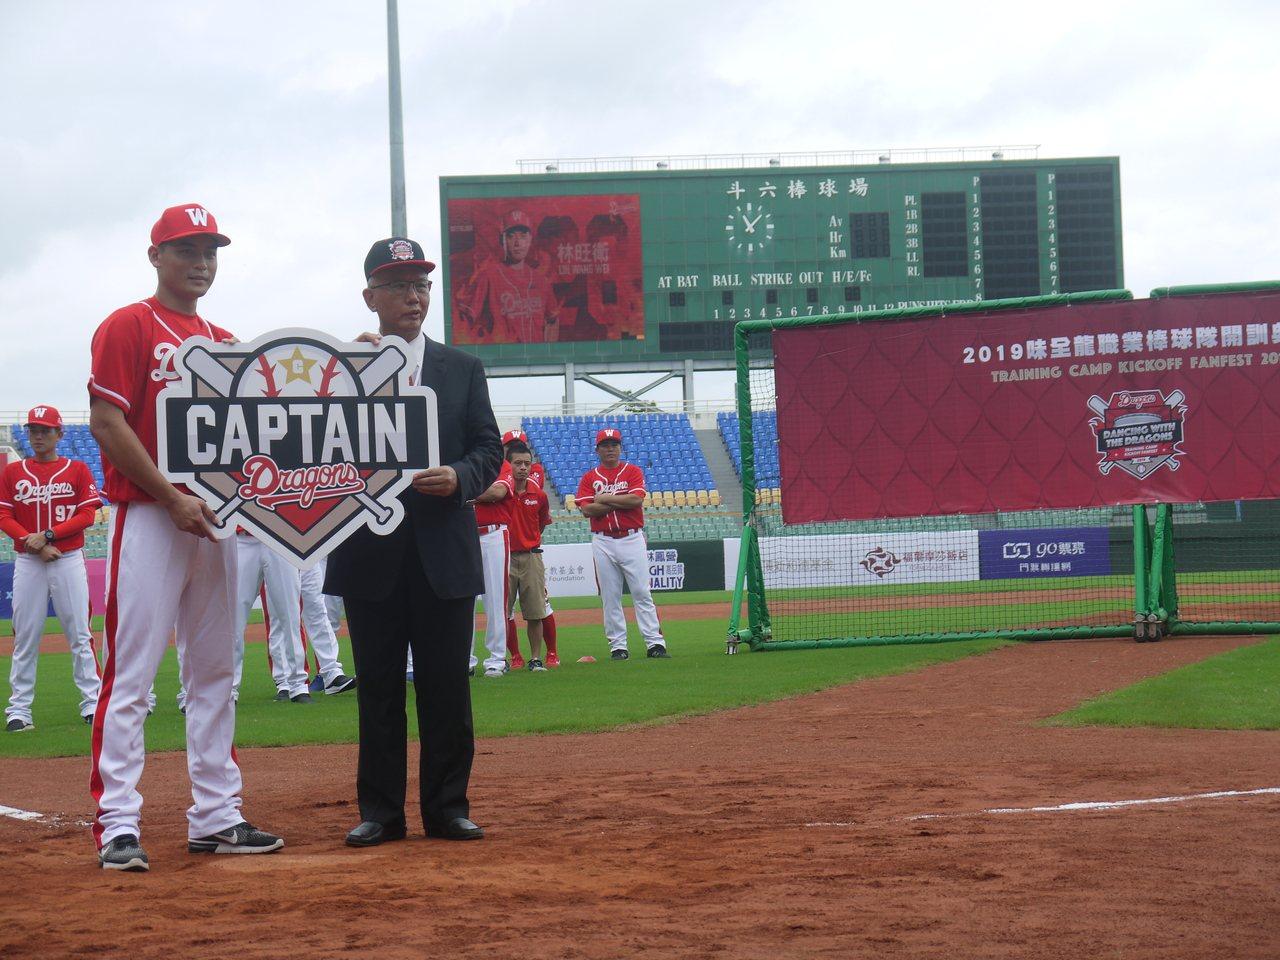 頂新集團「三董」魏應充(右)宣布隊長為林旺衛(左)。記者吳敏欣/攝影